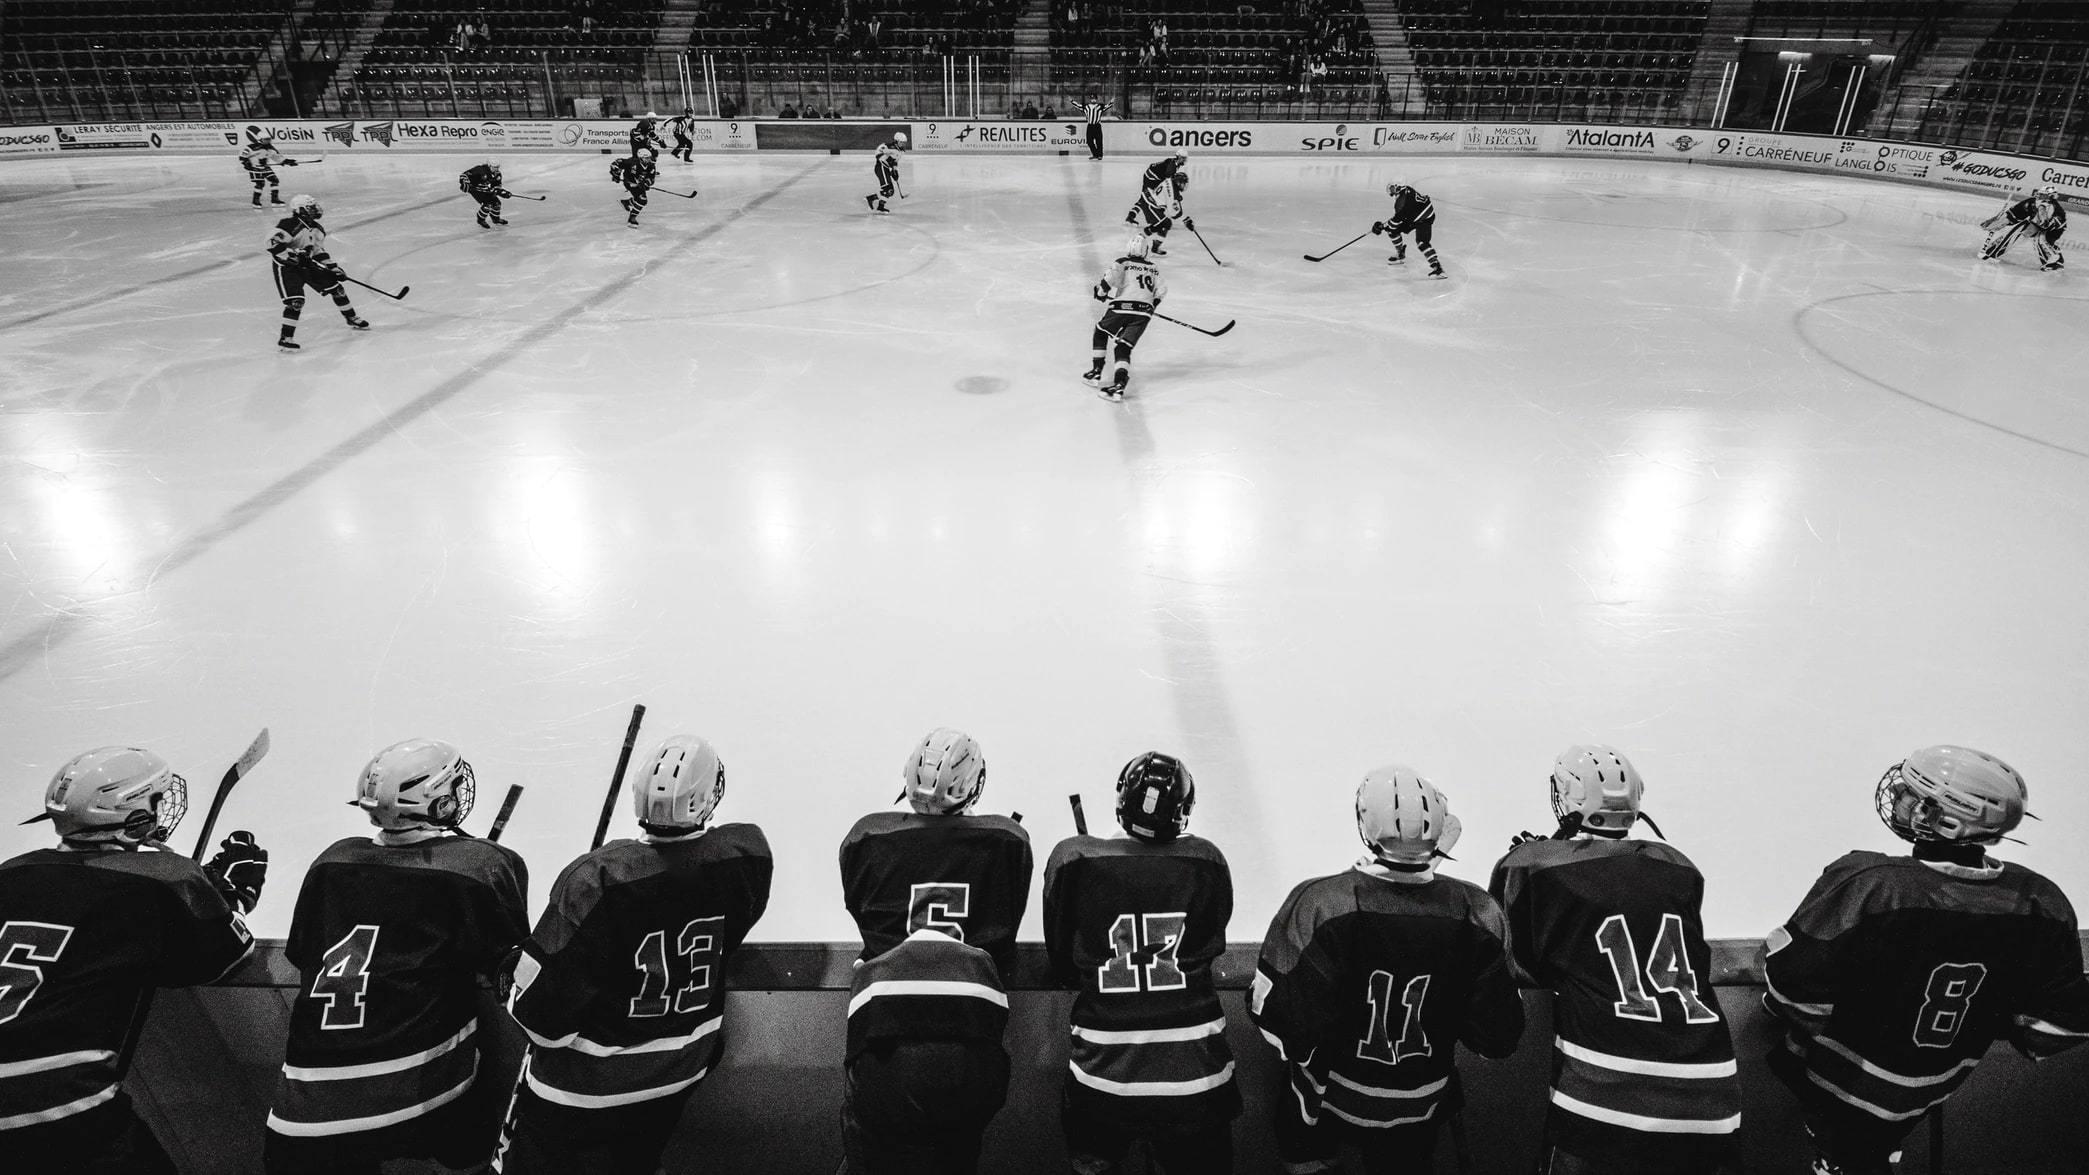 Joueurs de Hockey qui regardent d'autres joueurs sur la glace